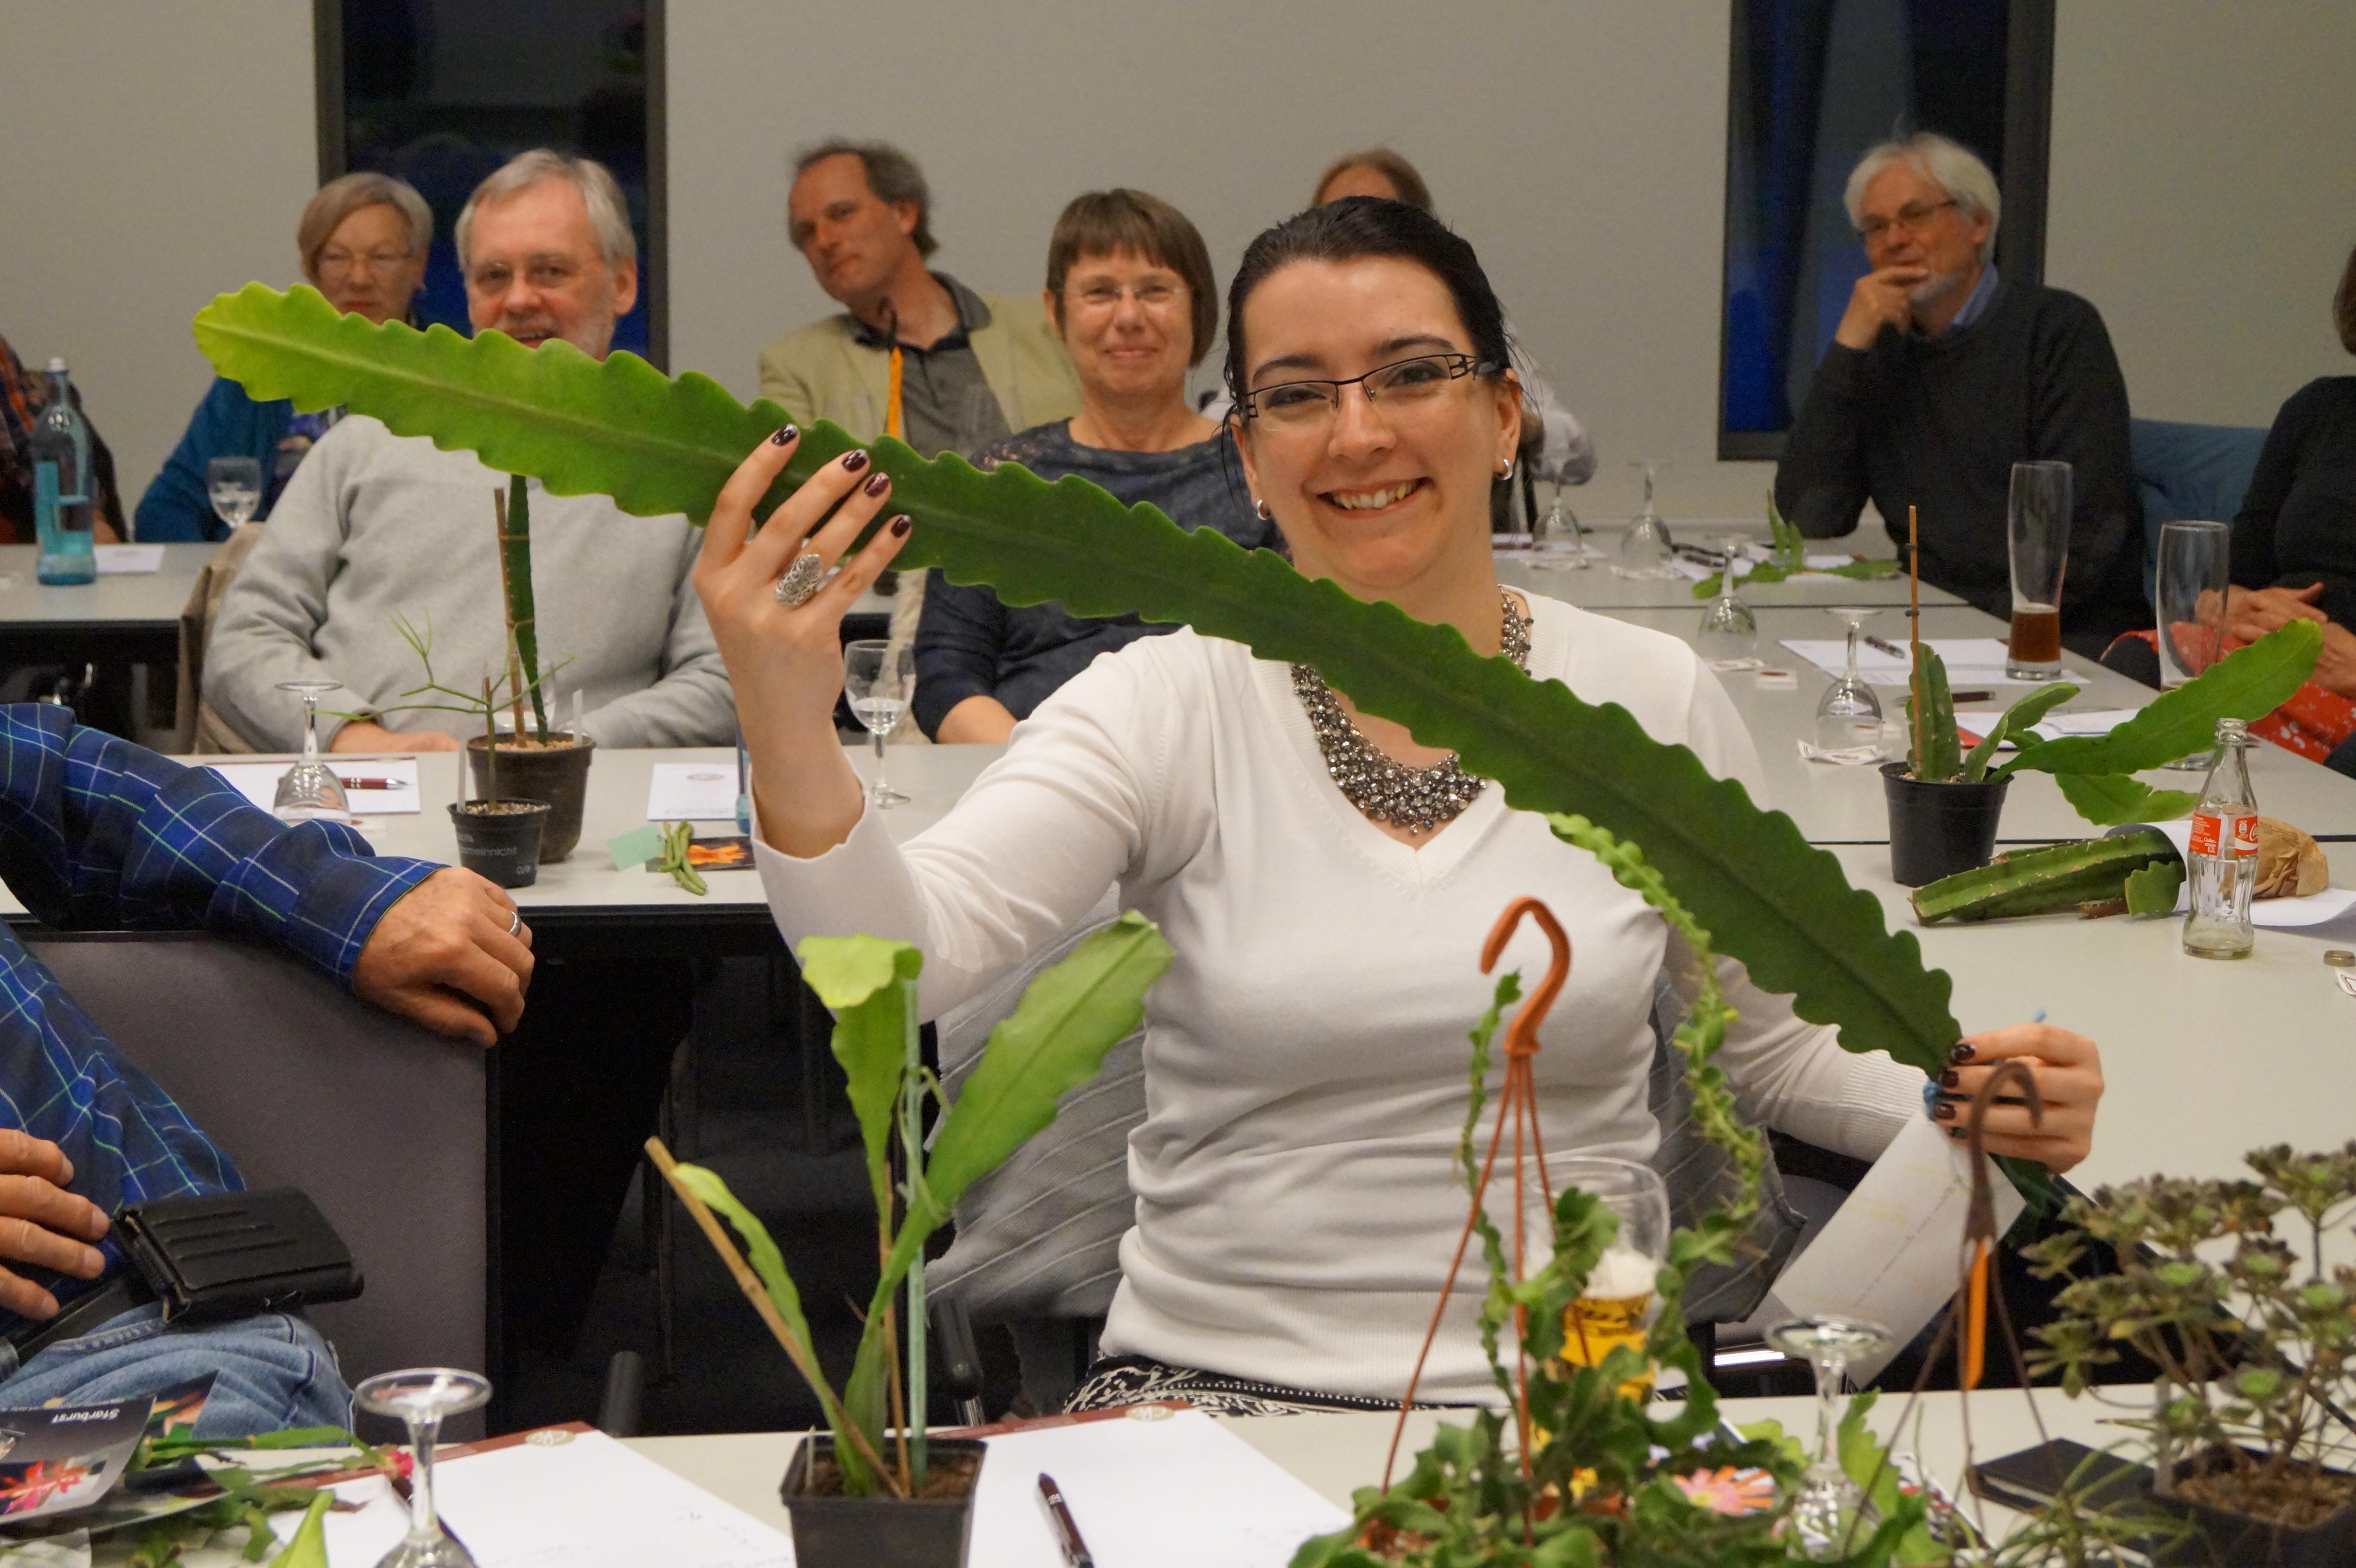 Abb. 4: Bei der Versteigerung - EPIG macht glücklich! (Foto: Florian Weida)